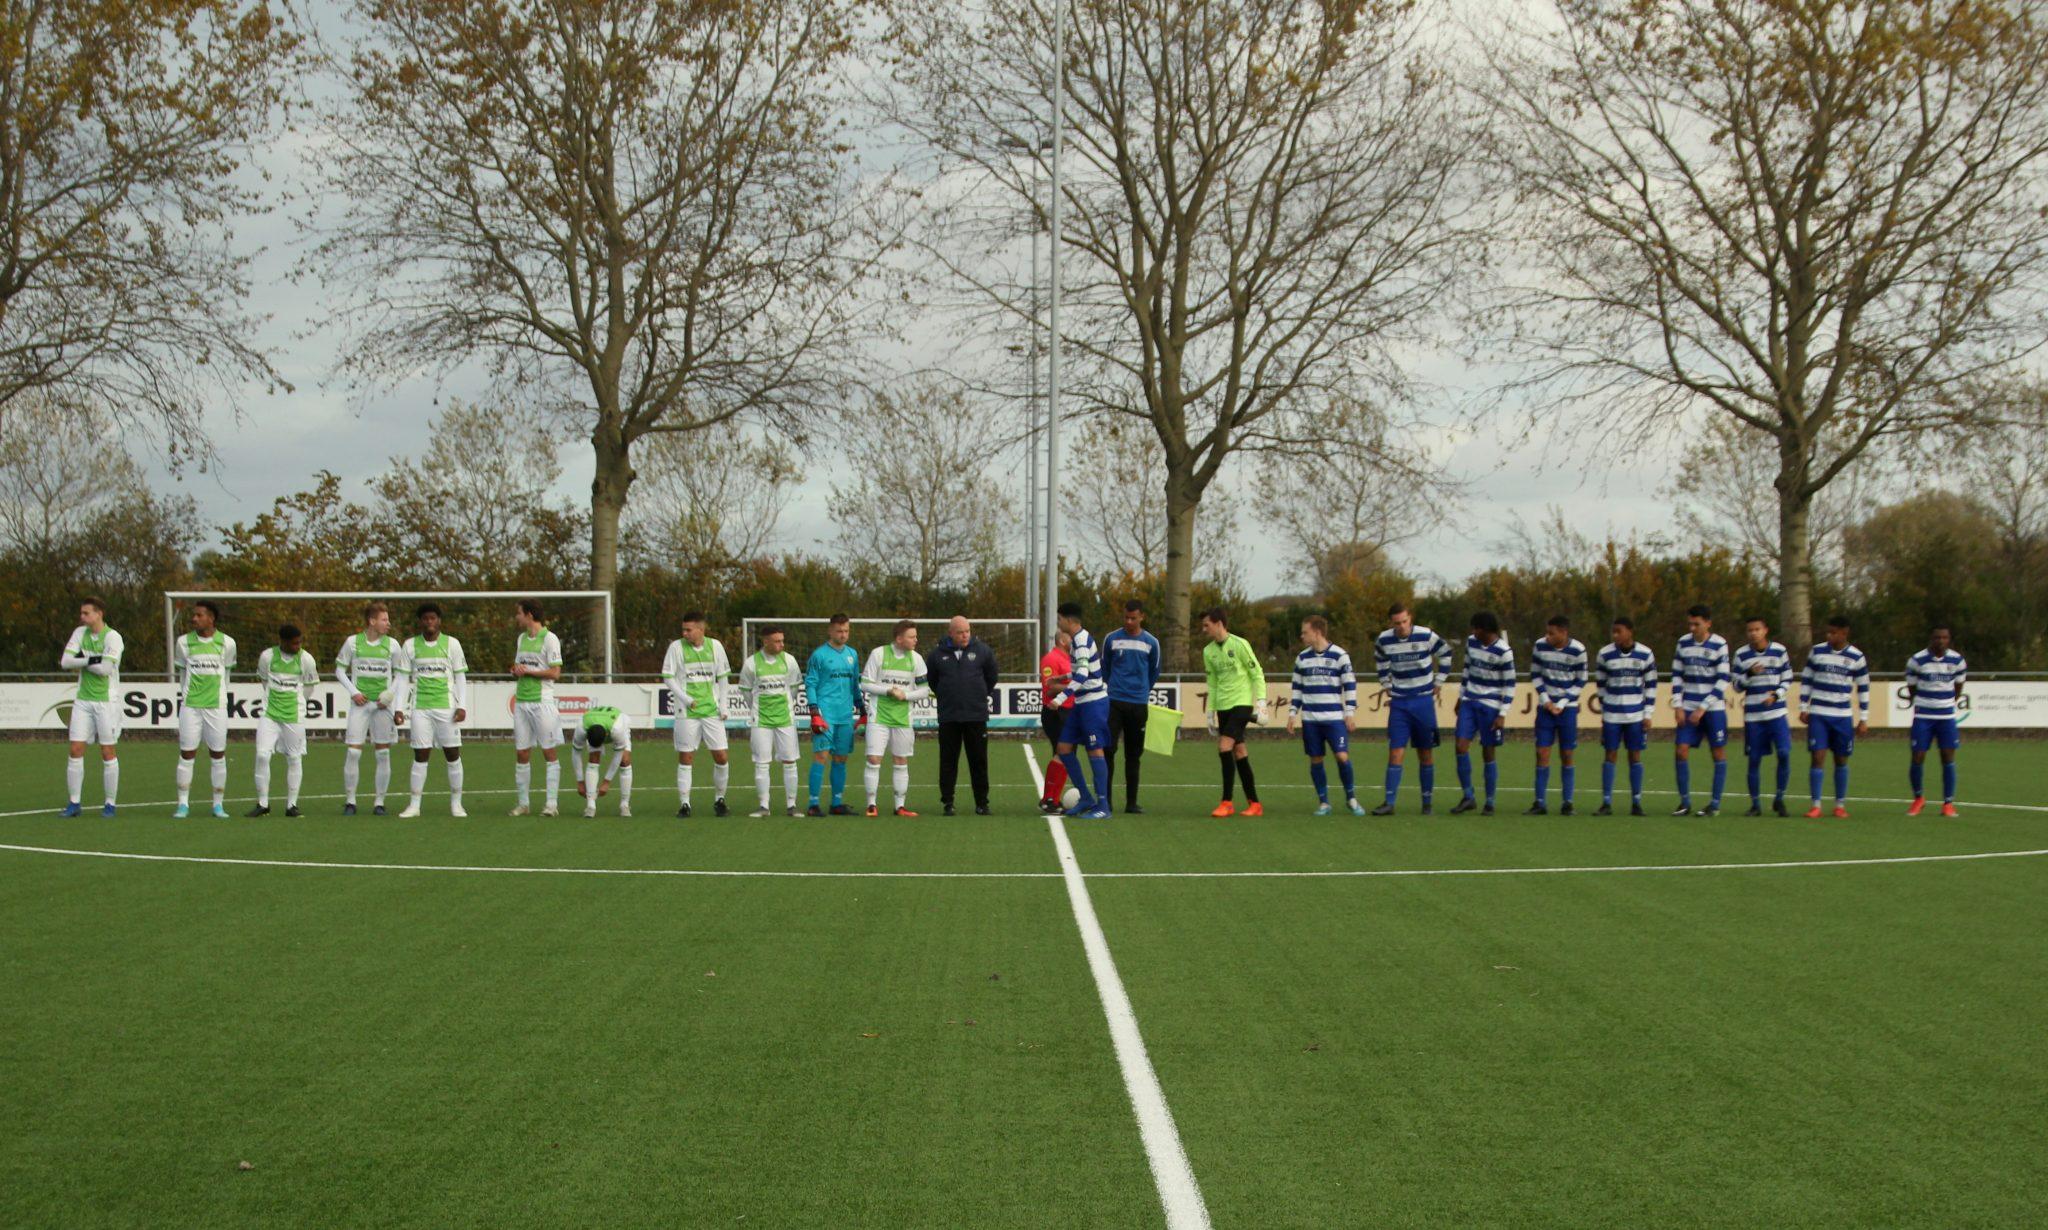 XerxesDZB JO19-1 speelt gelijk tegen VV Spijkenisse (Fotoreportage)